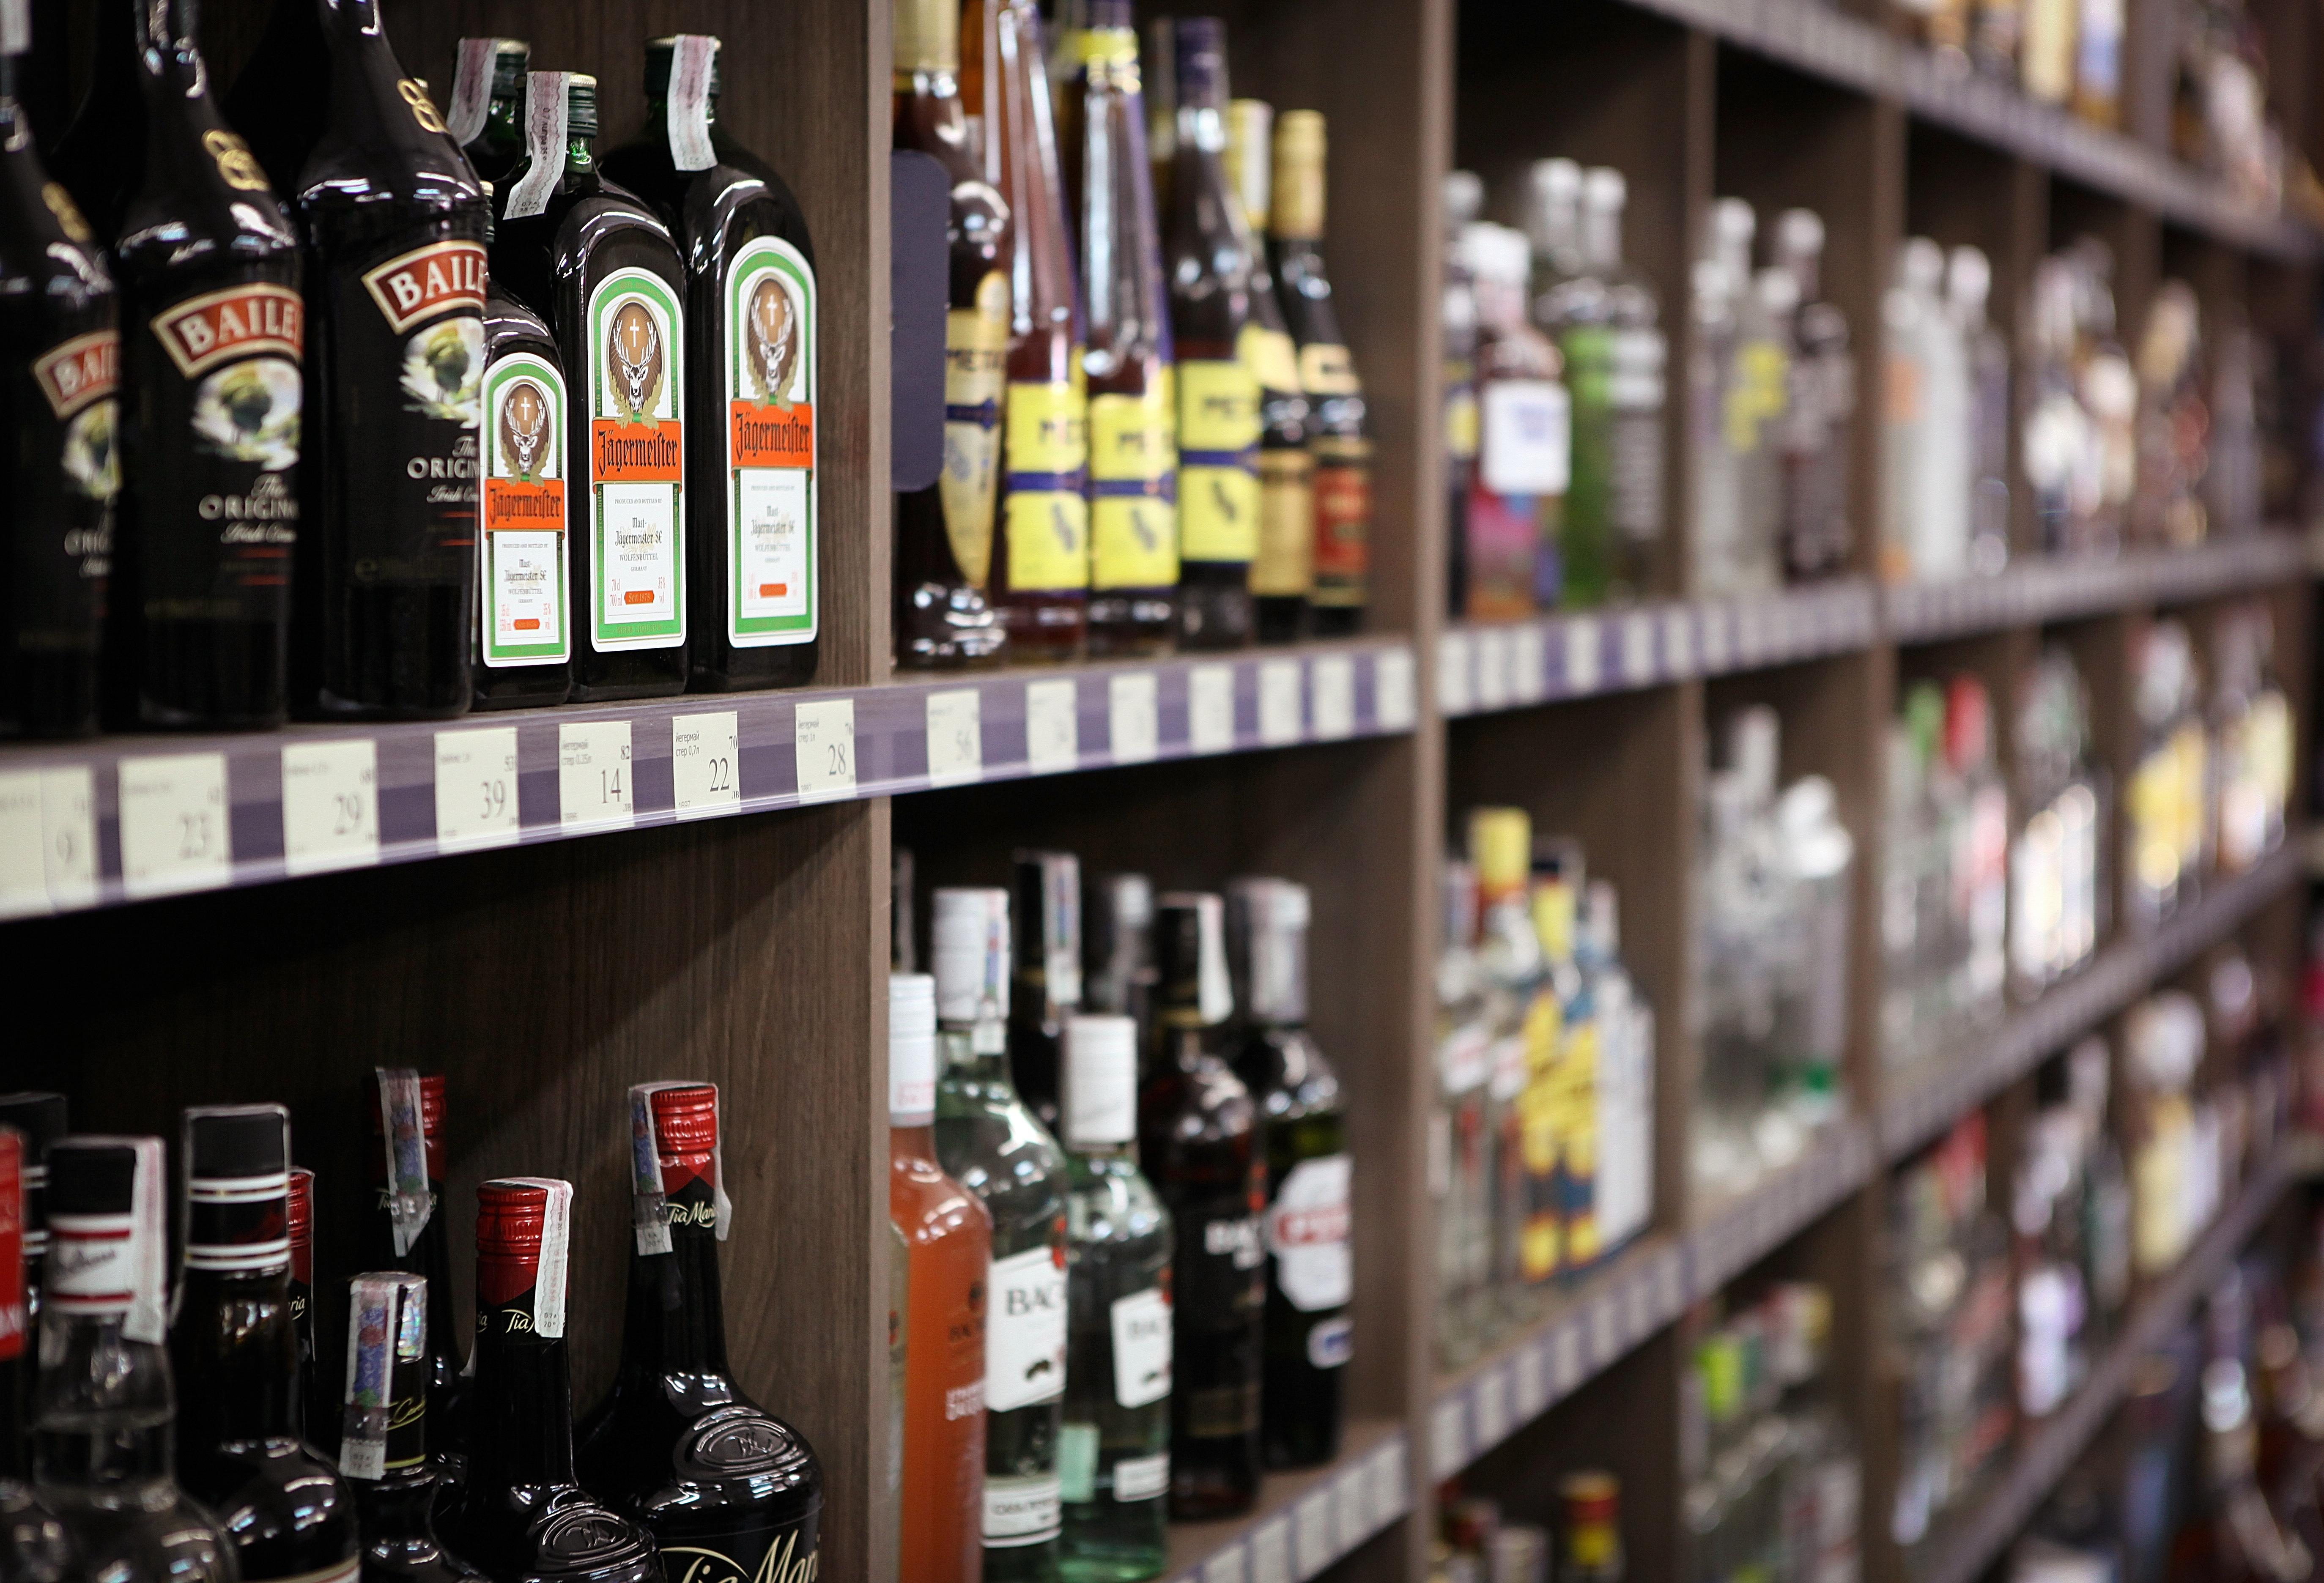 Shelves full of bottles of alcohol in a liquor store